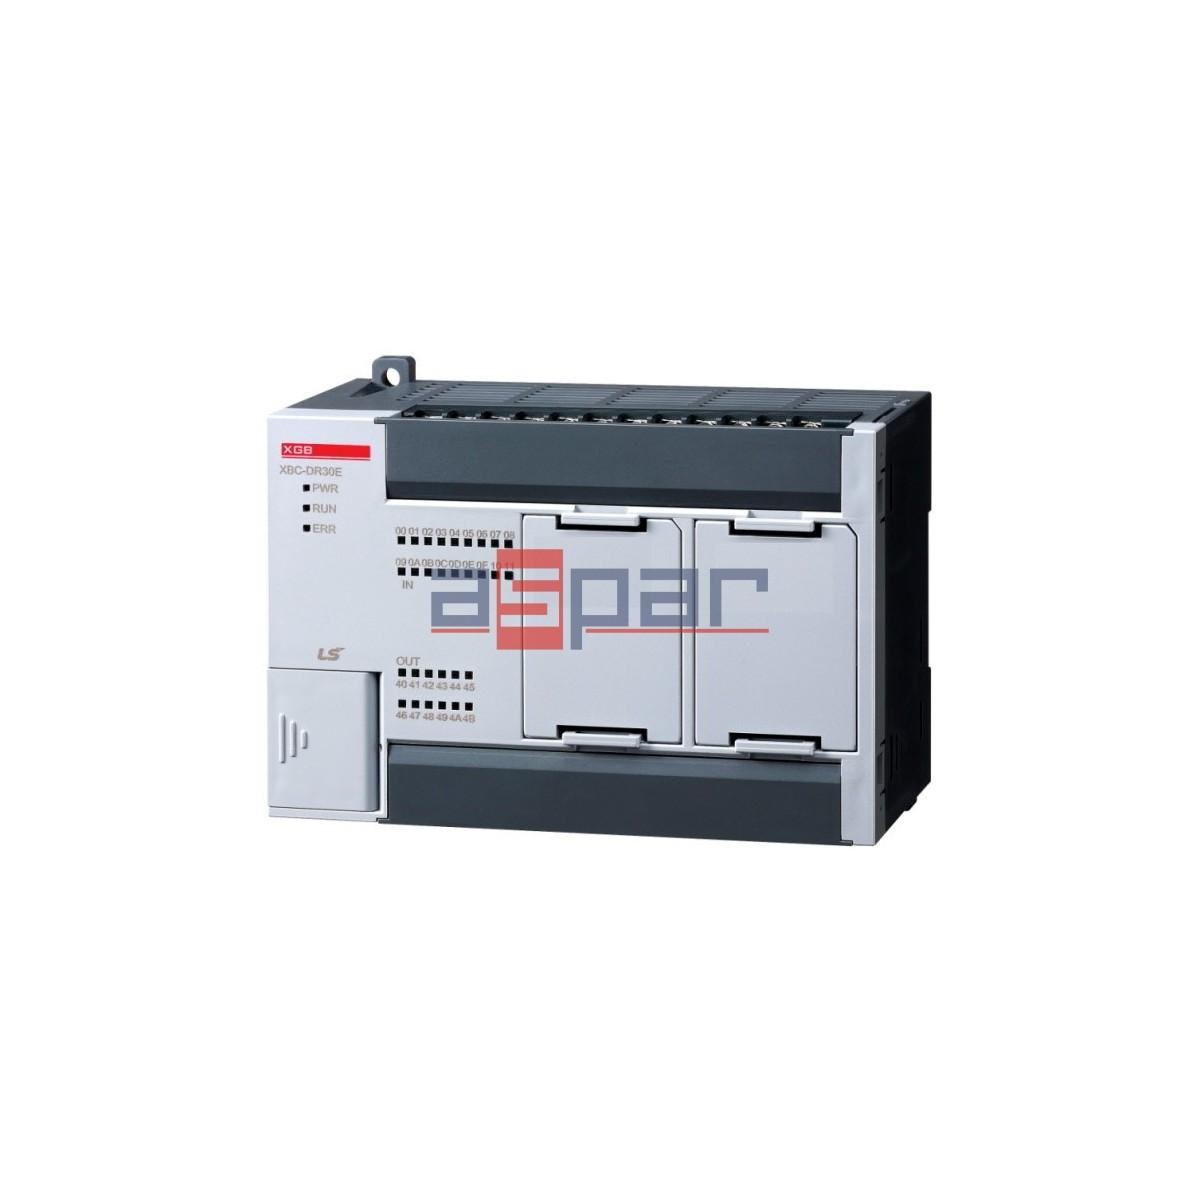 XBC-DR30E - CPU 18 I/12 O relay